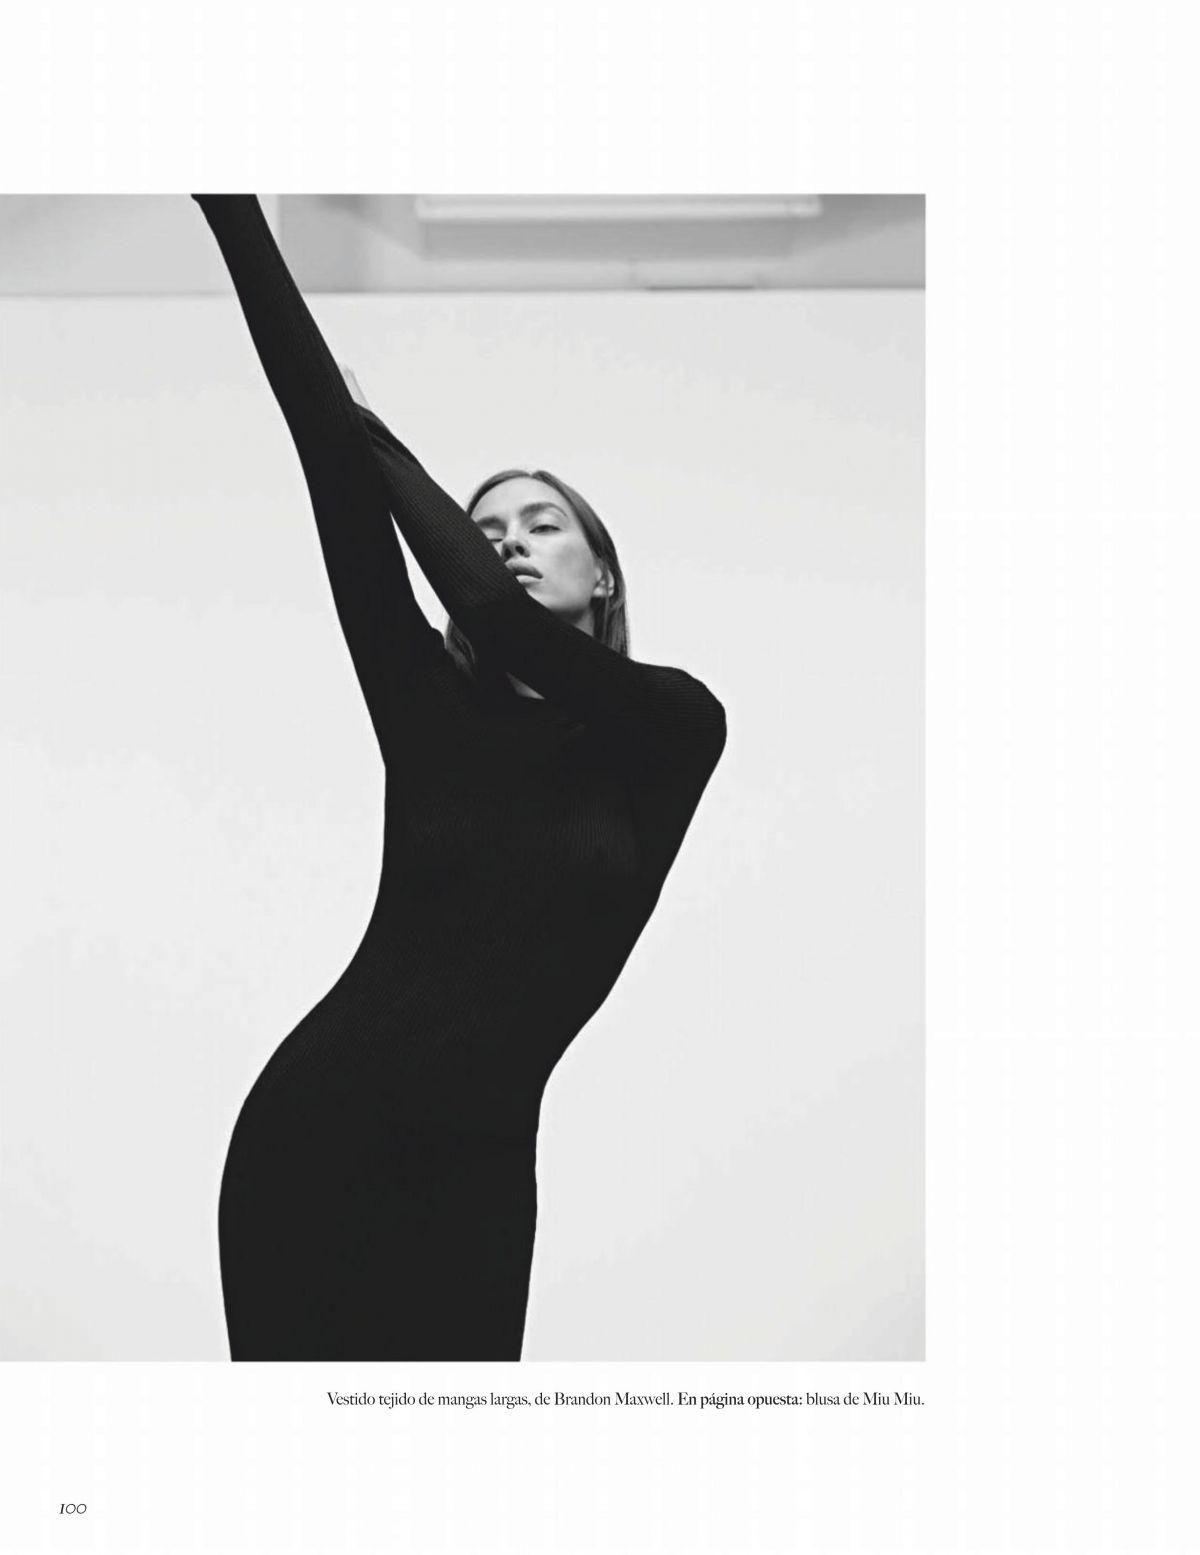 IRINA SHAYK in Vogue Magazine, Latin America January 2019